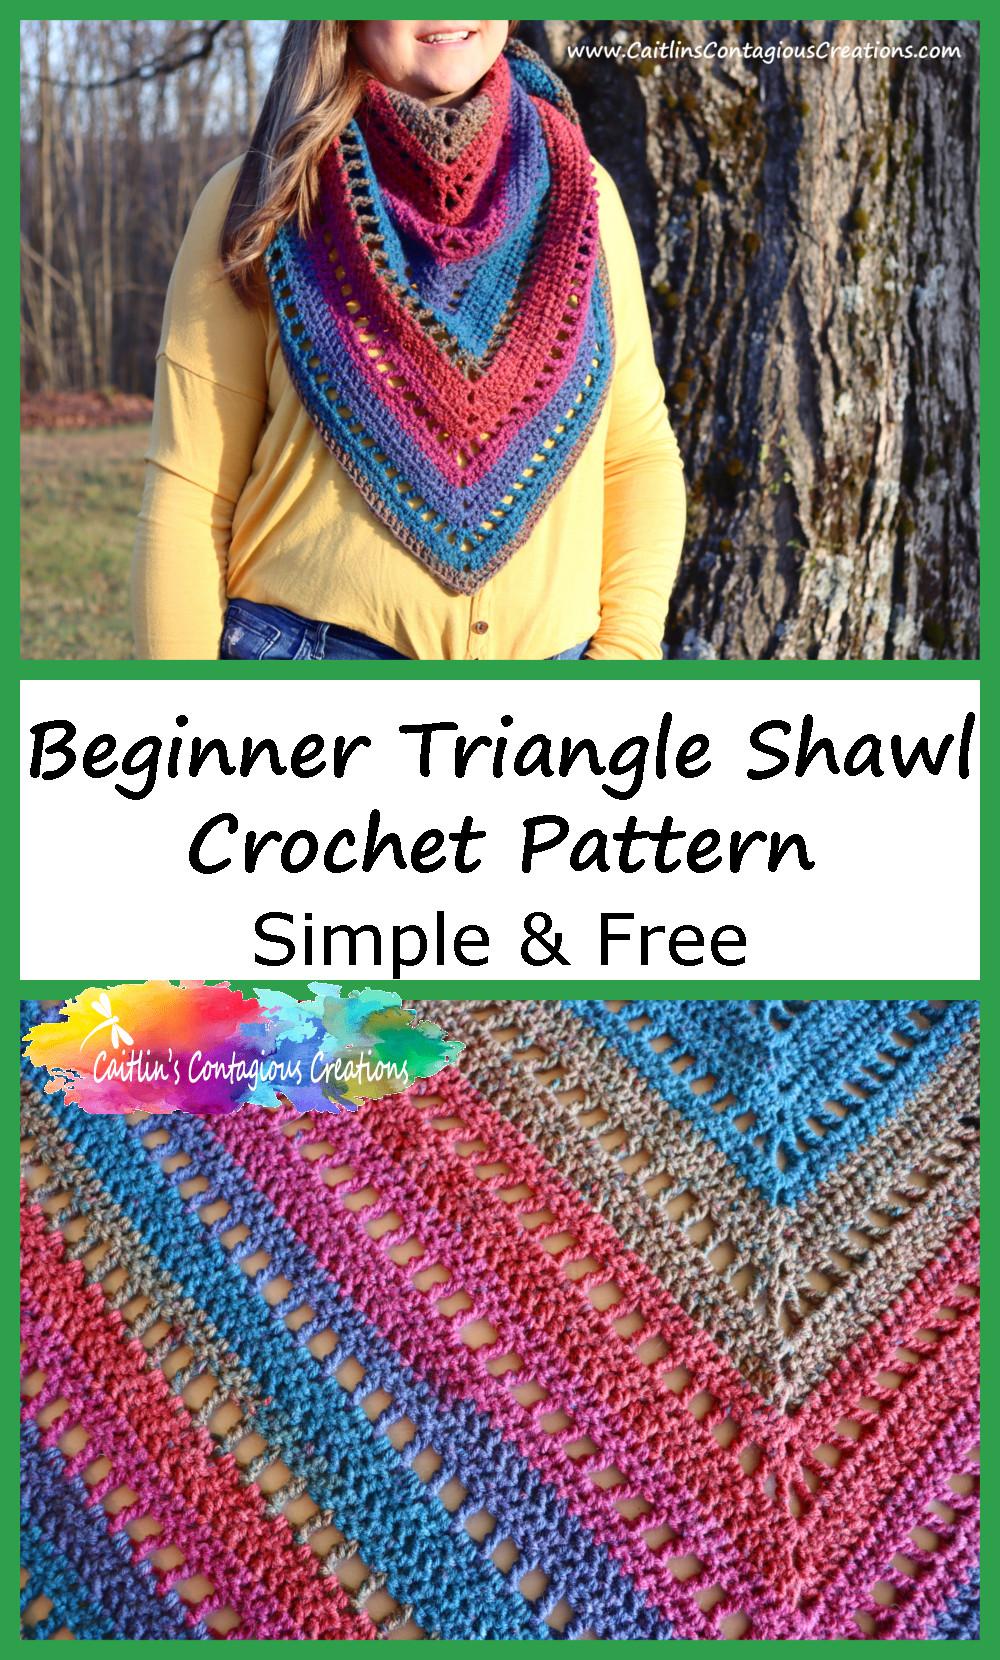 Écharpe Triangle Débutant Crochet Motif Pinterest Image 1